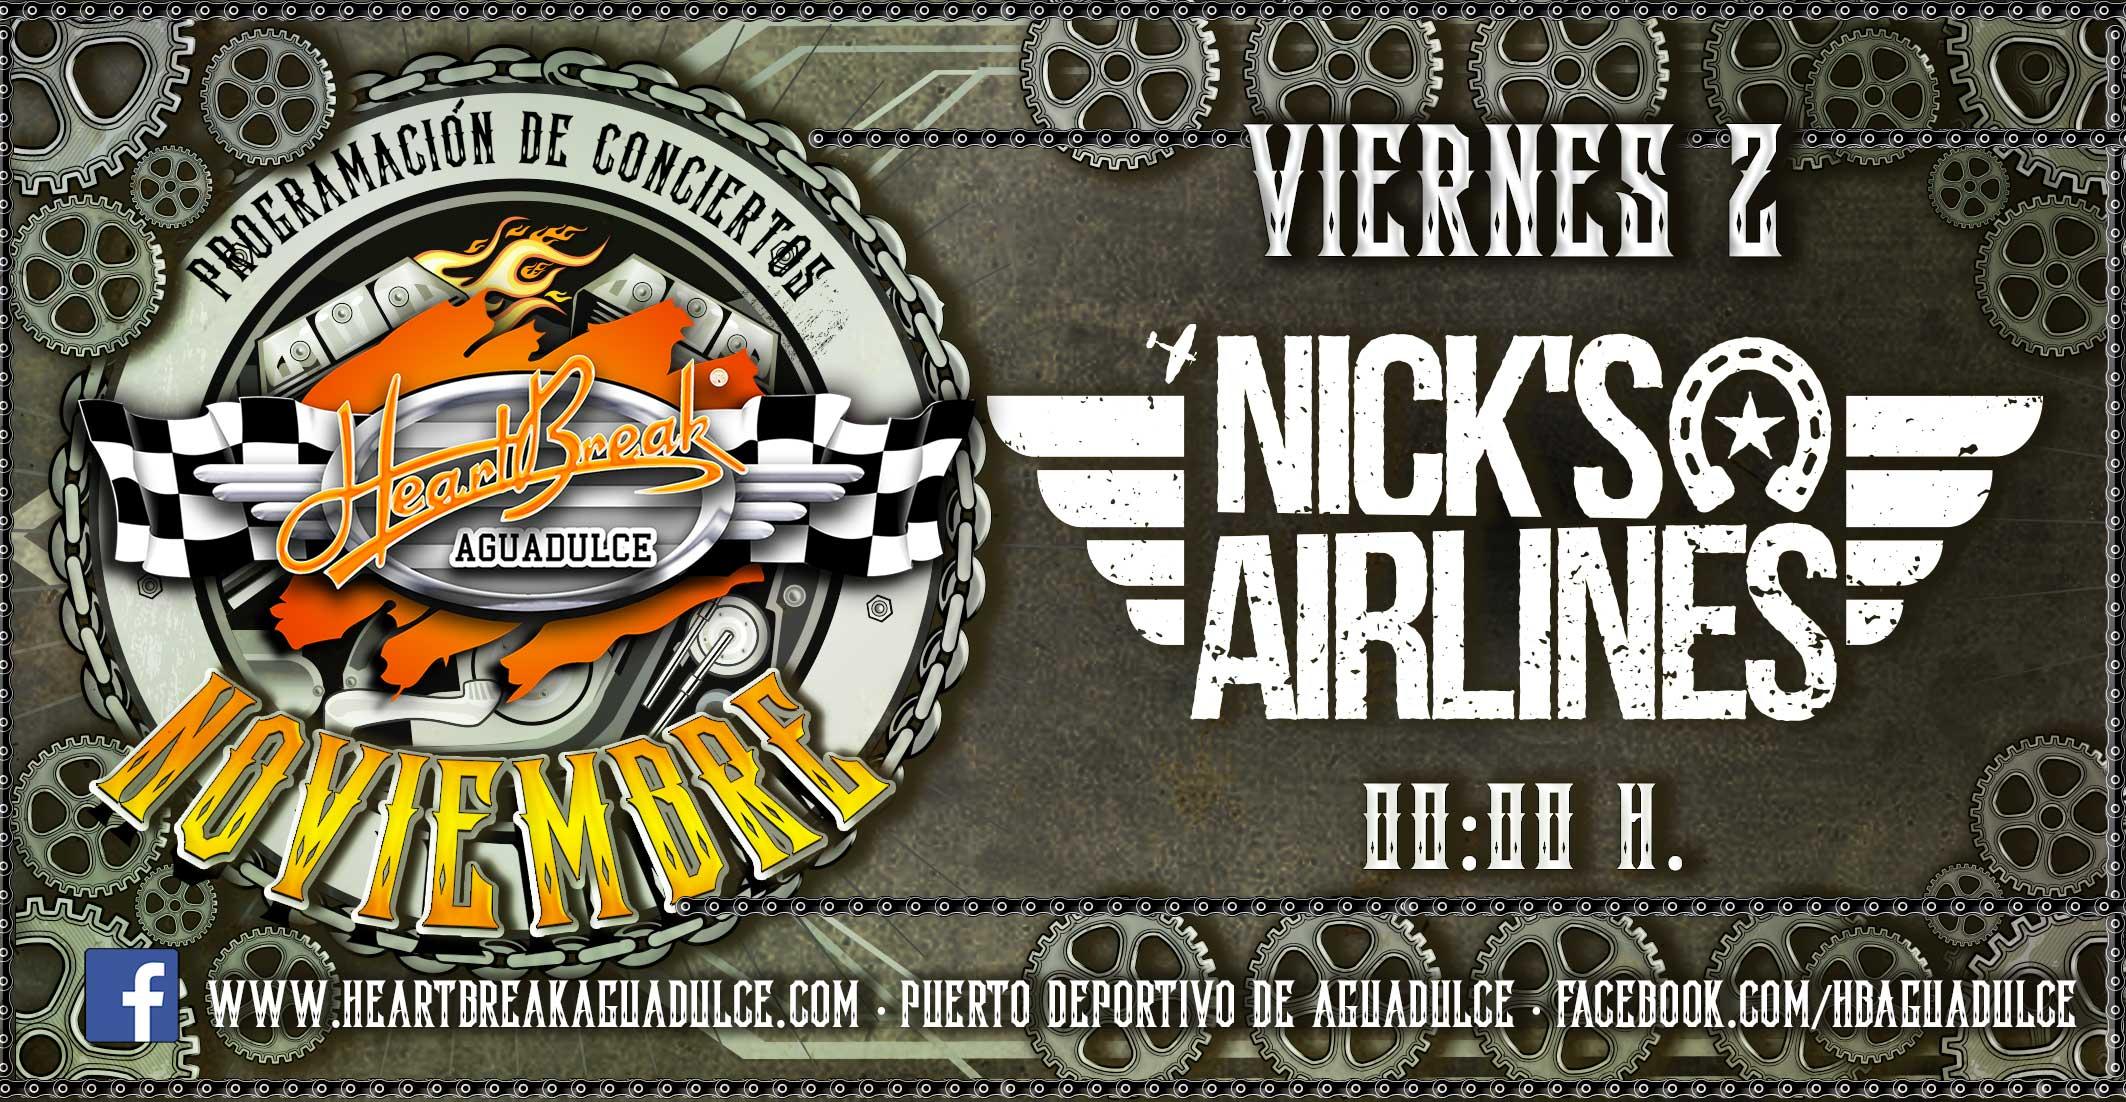 Concierto de Nicks Airlines